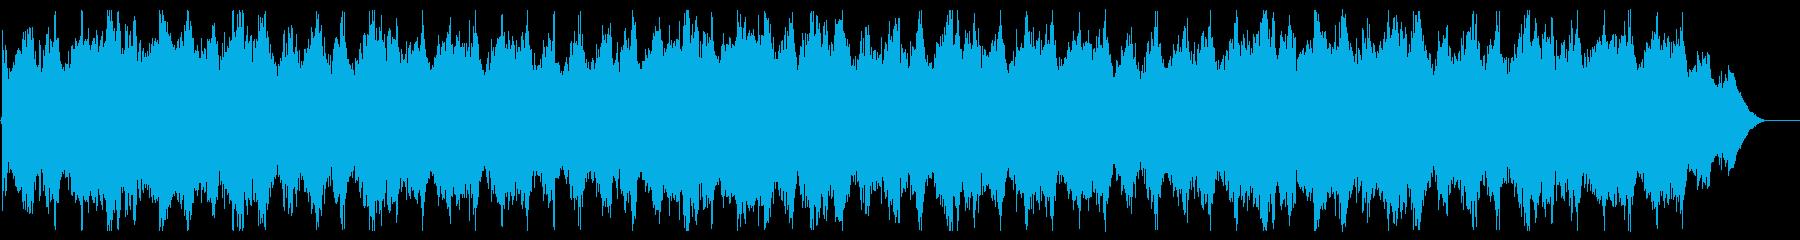 ファンタジー映画の地味なシーン★あるあるの再生済みの波形